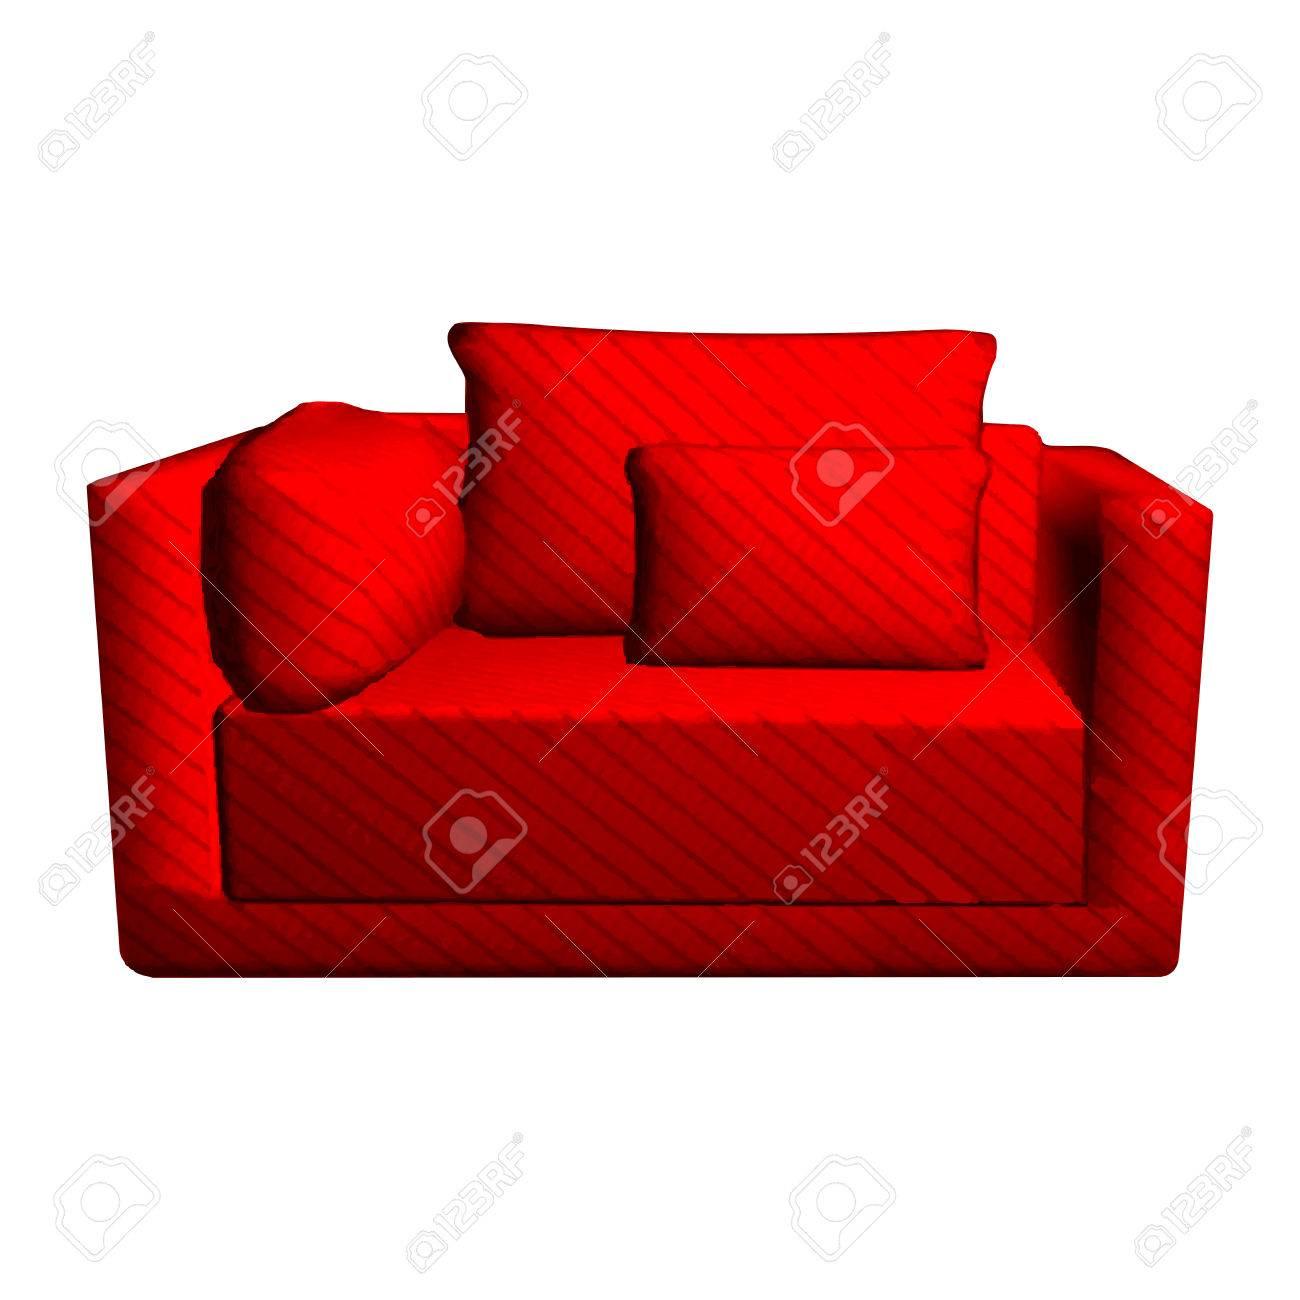 chaussures de séparation 3fc42 dbf91 Cuir Vector Canapé rouge avec des oreillers isolé sur fond blanc. objet  fauteuil 3d dans la chambre